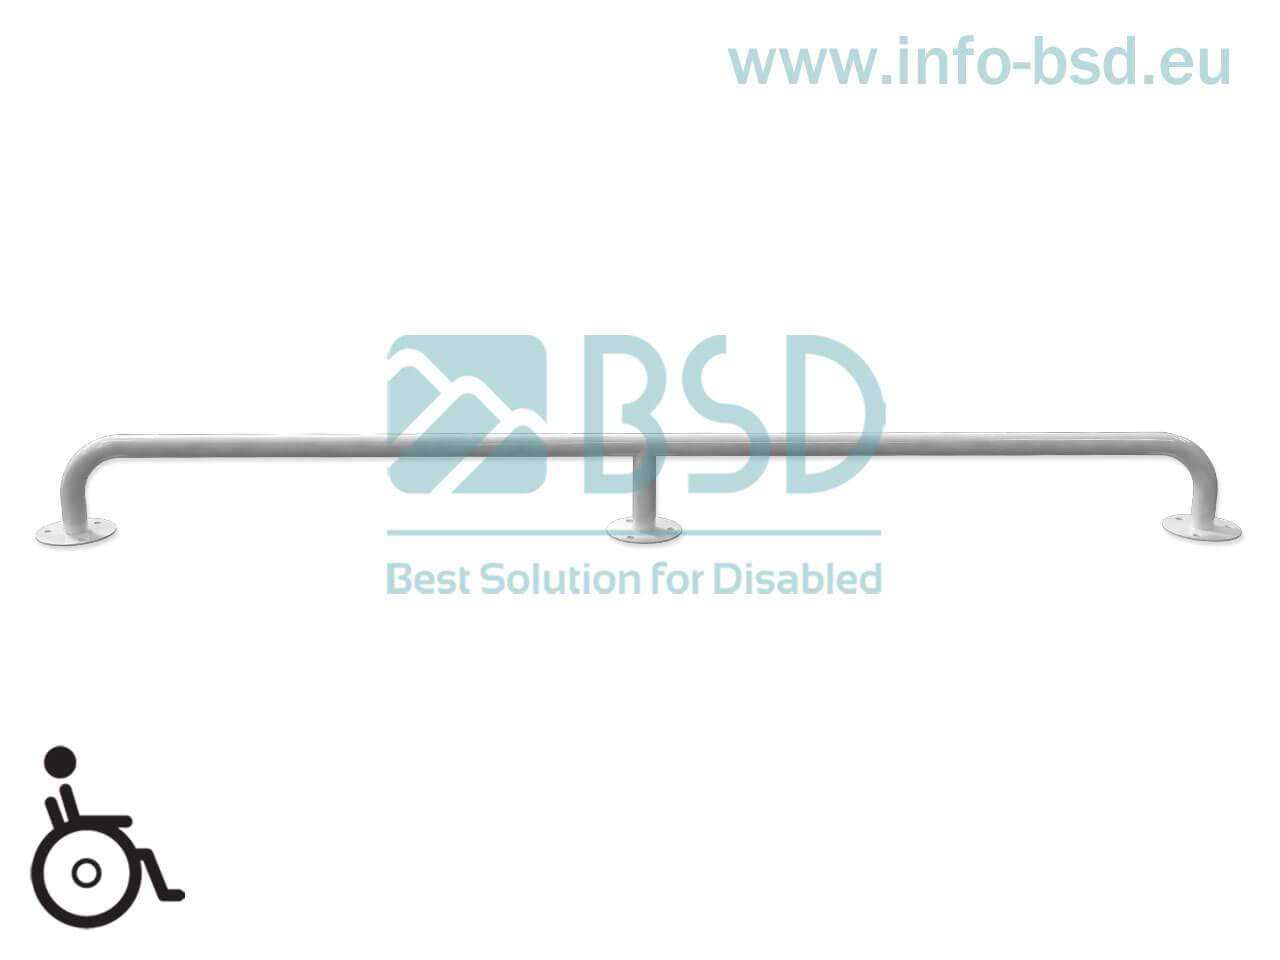 uchwyt prosty dla niepelnosprawnych seria simply UP 11-20 B25